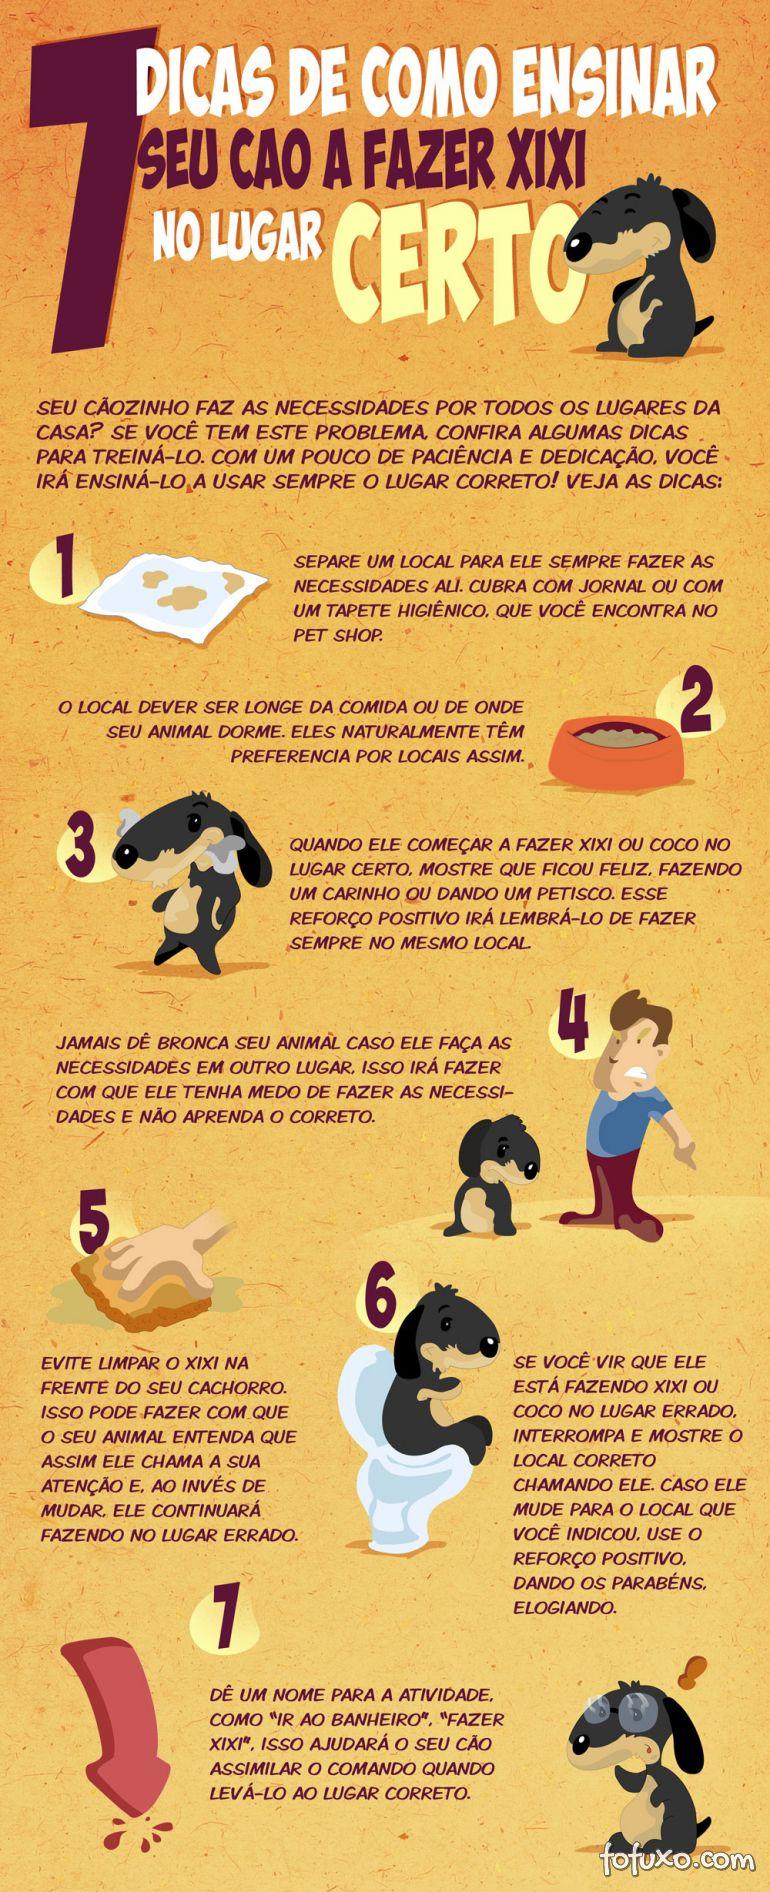 7 dicas de como ensinar seu cão a fazer xixi no lugar certo